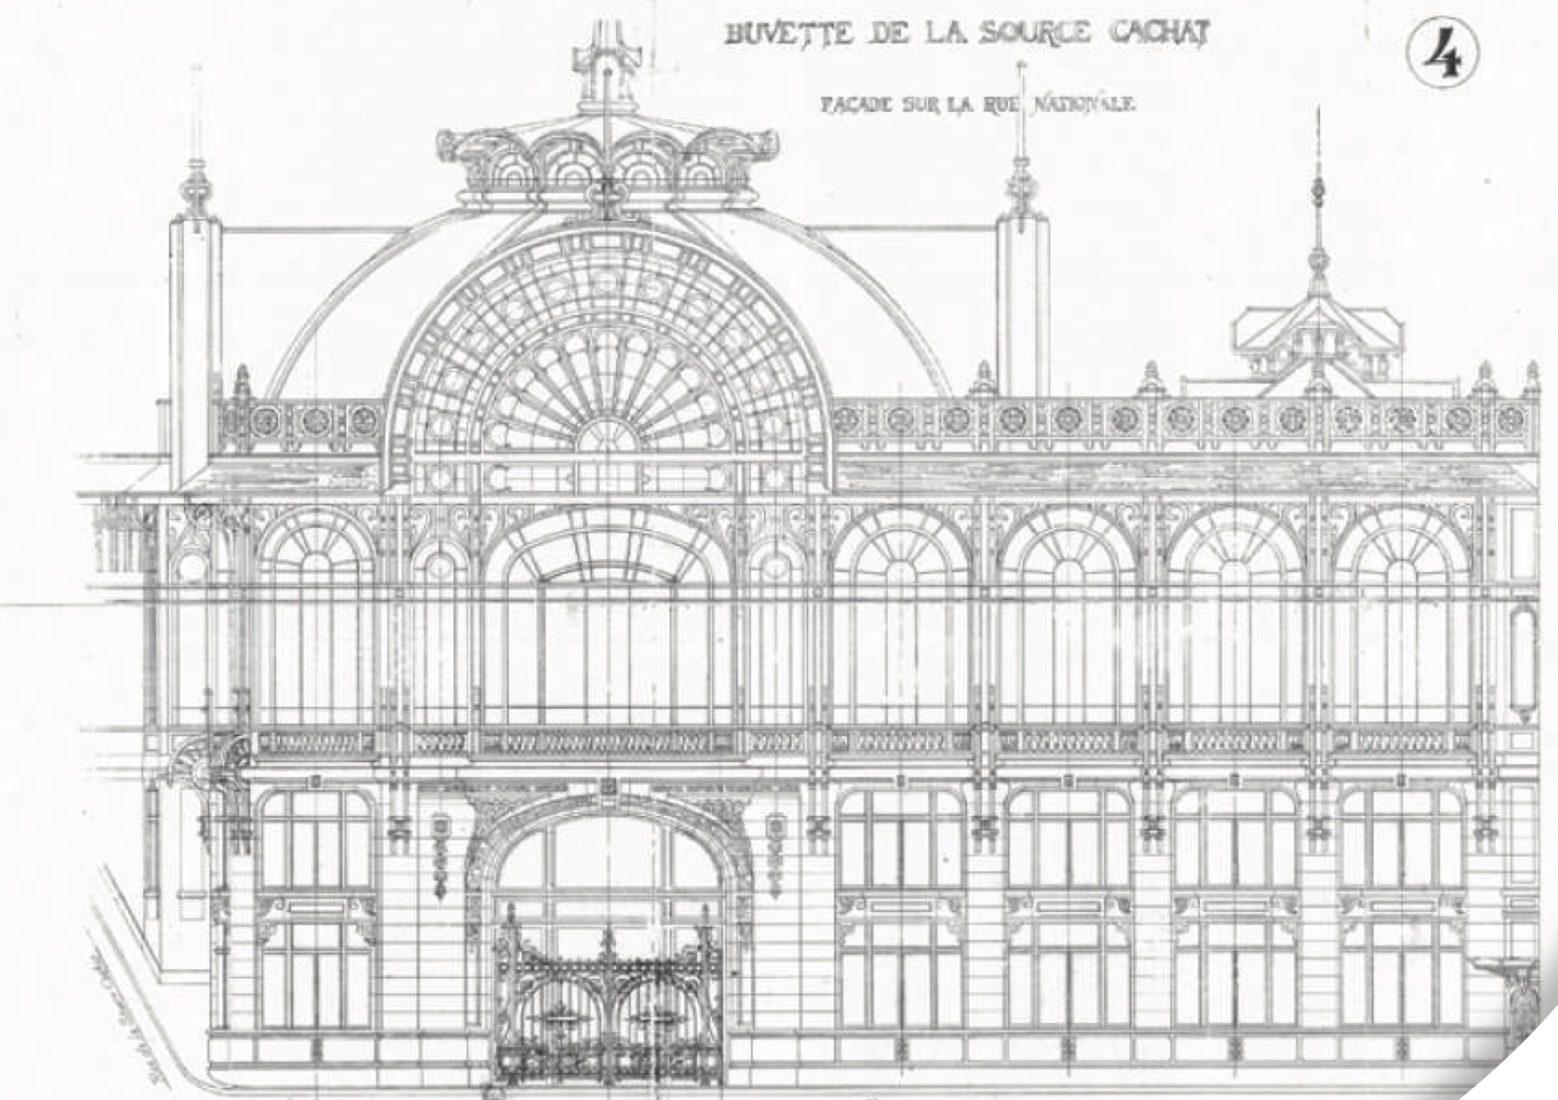 Plan de la Buvette Cachat façade rue Nationale